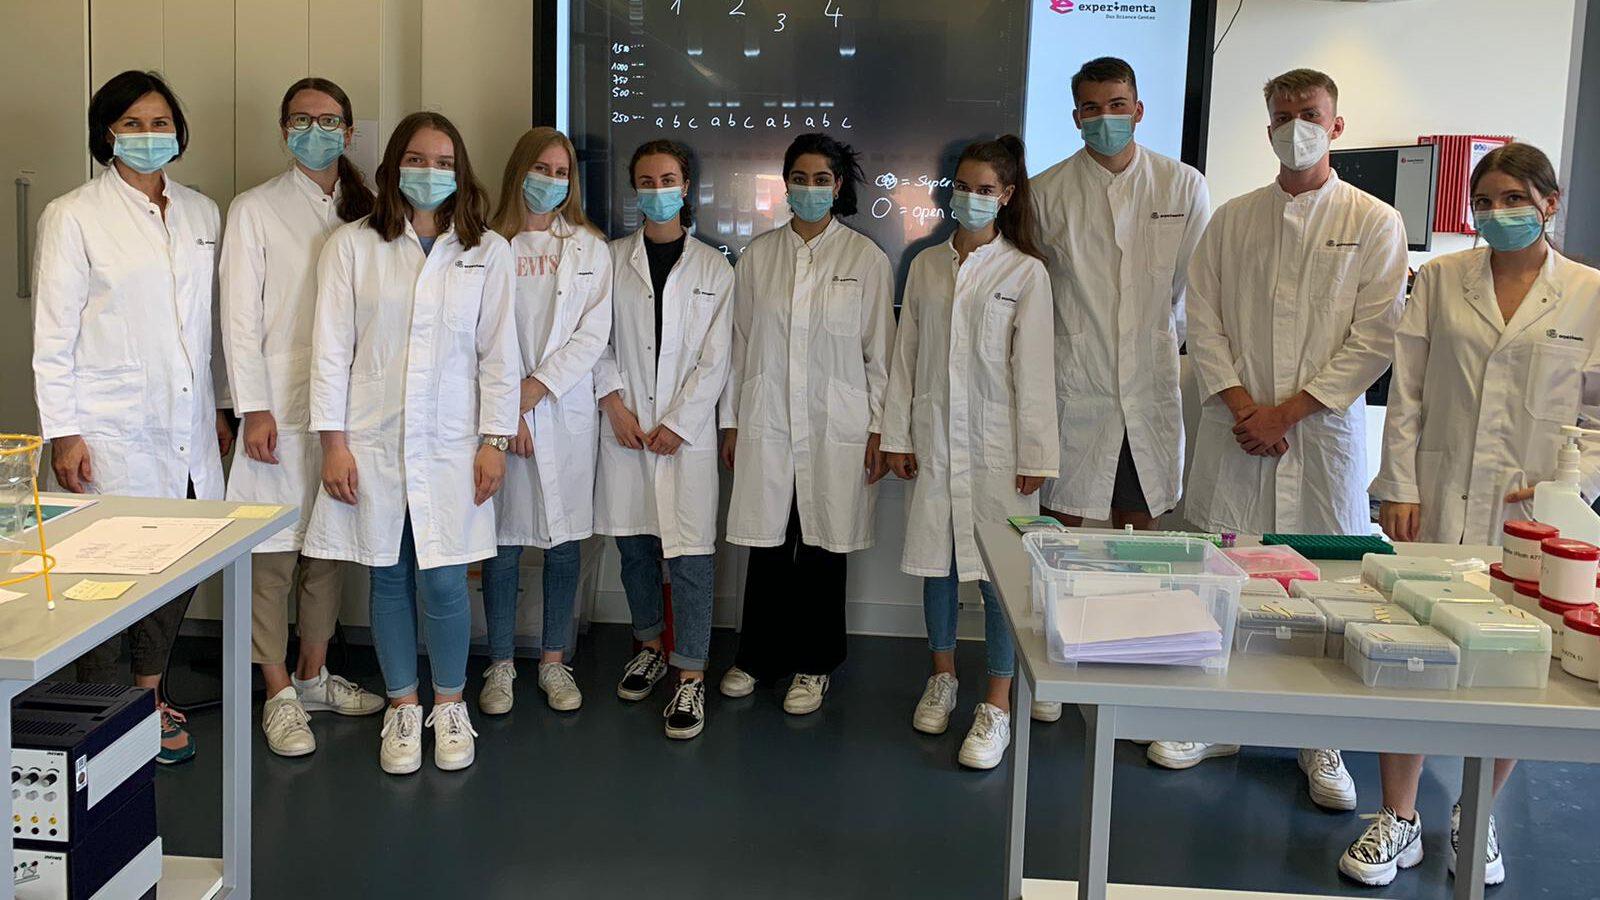 """Biologie-Lk beim Laborkurs """"DNA-Techniken"""""""